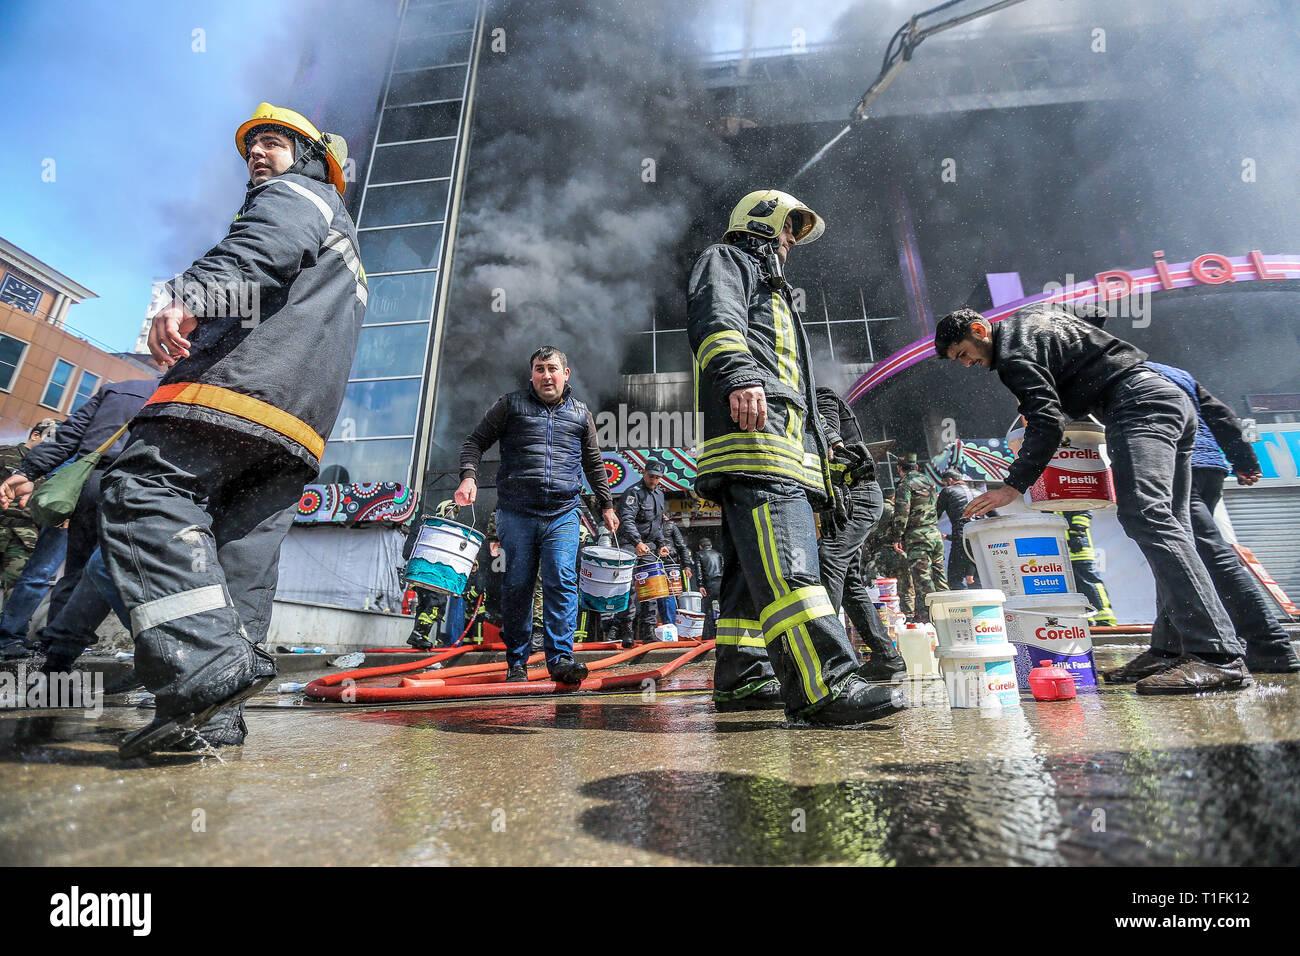 """Baku, Aserbaidschan. 26 Mär, 2019. Feuerwehrmänner Arbeiten einen Brand an Diqlas Markt in Baku, Aserbaidschan, Dienstag, 26. März 2019 zu stellen. Ein großes Feuer brach heute Morgen im Einkaufszentrum """"iglas' im Dorf 8 Kilometer in Baku. Brennen Sie die oberen Etagen des 5-stöckigen Gebäude. Credit: Aziz Karimov/Pacific Press/Alamy leben Nachrichten Stockfoto"""